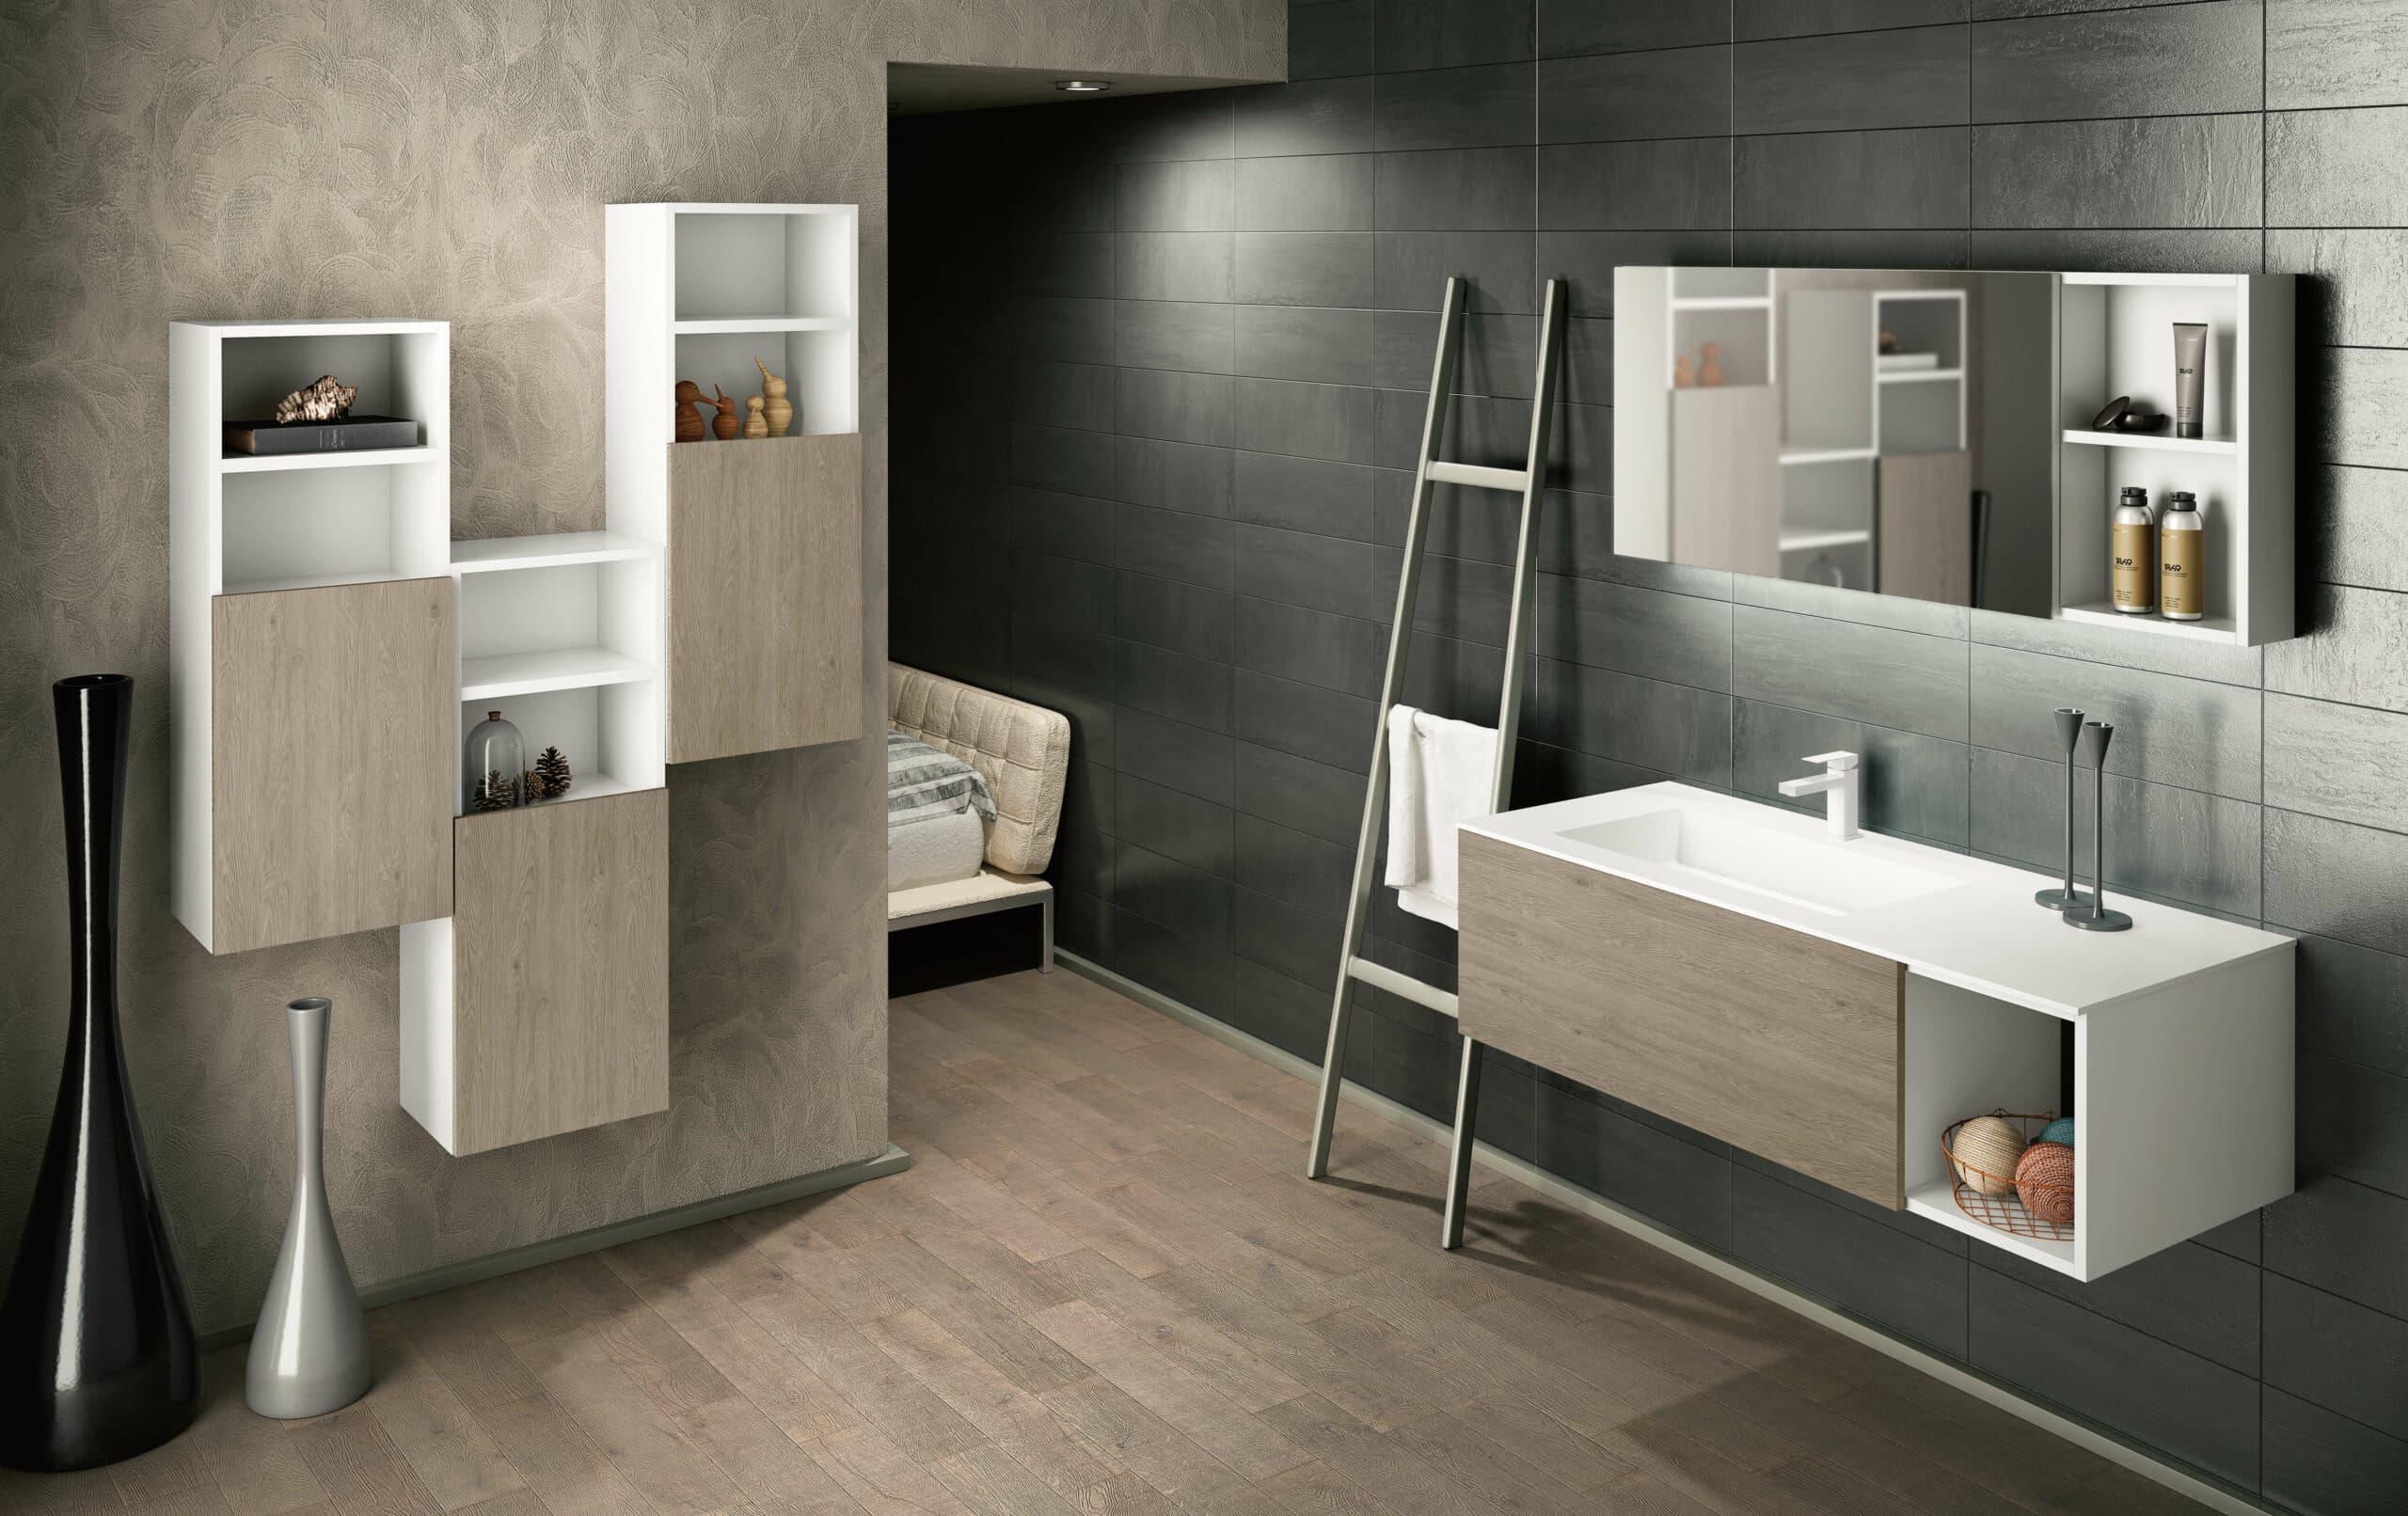 salle de bains k chen spezialist sp cialiste de la cuisine allemande ostwald la vigie. Black Bedroom Furniture Sets. Home Design Ideas